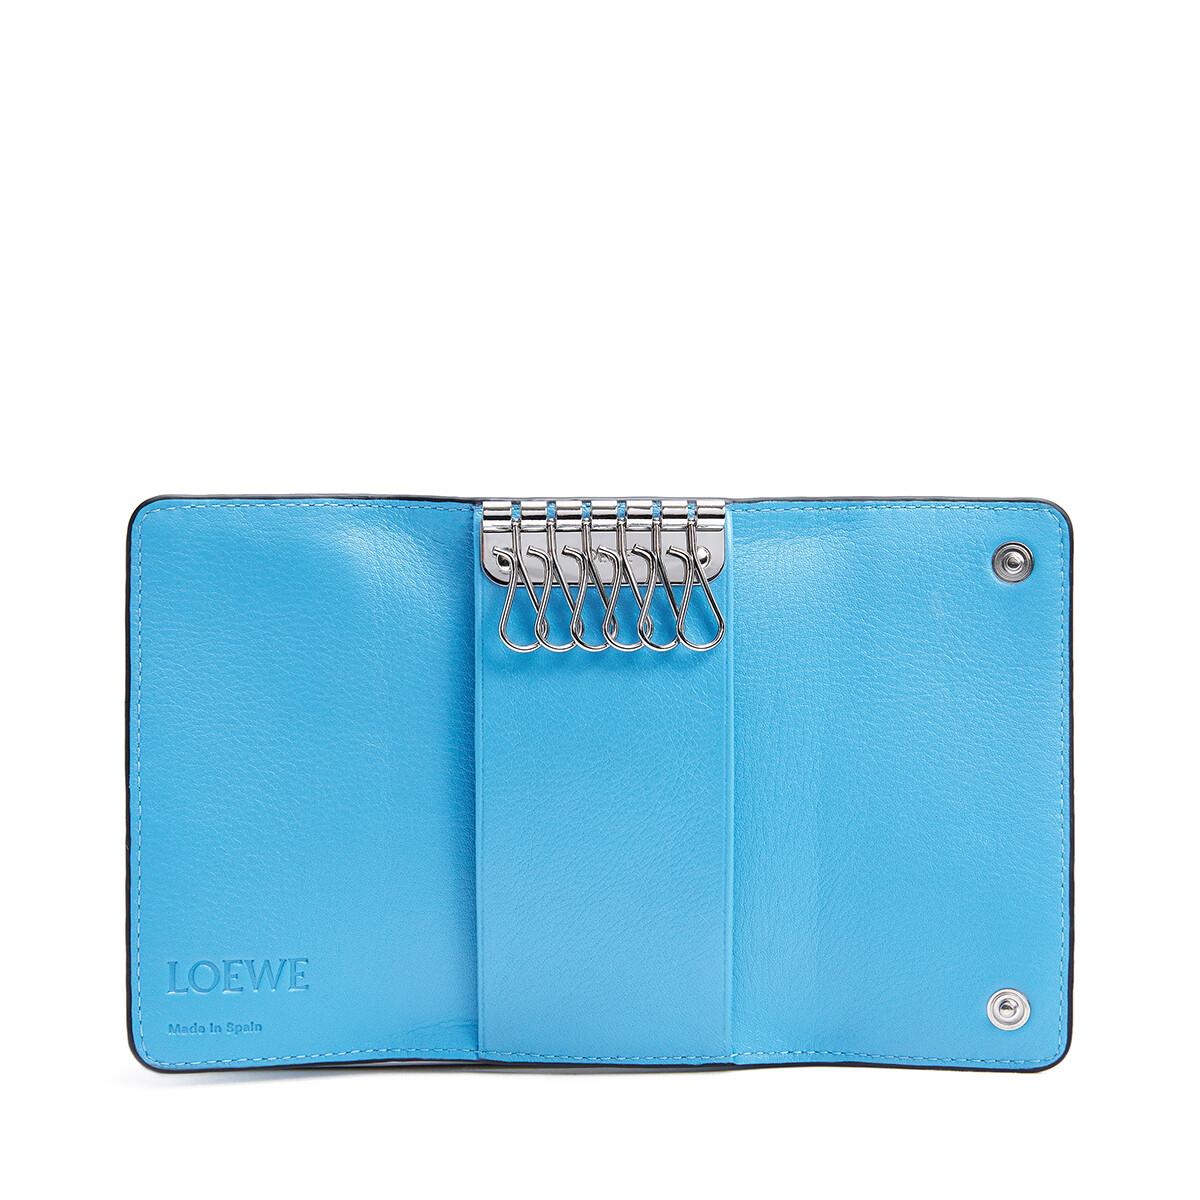 LOEWE Repeat 6 Keys Keyring 天空蓝 front